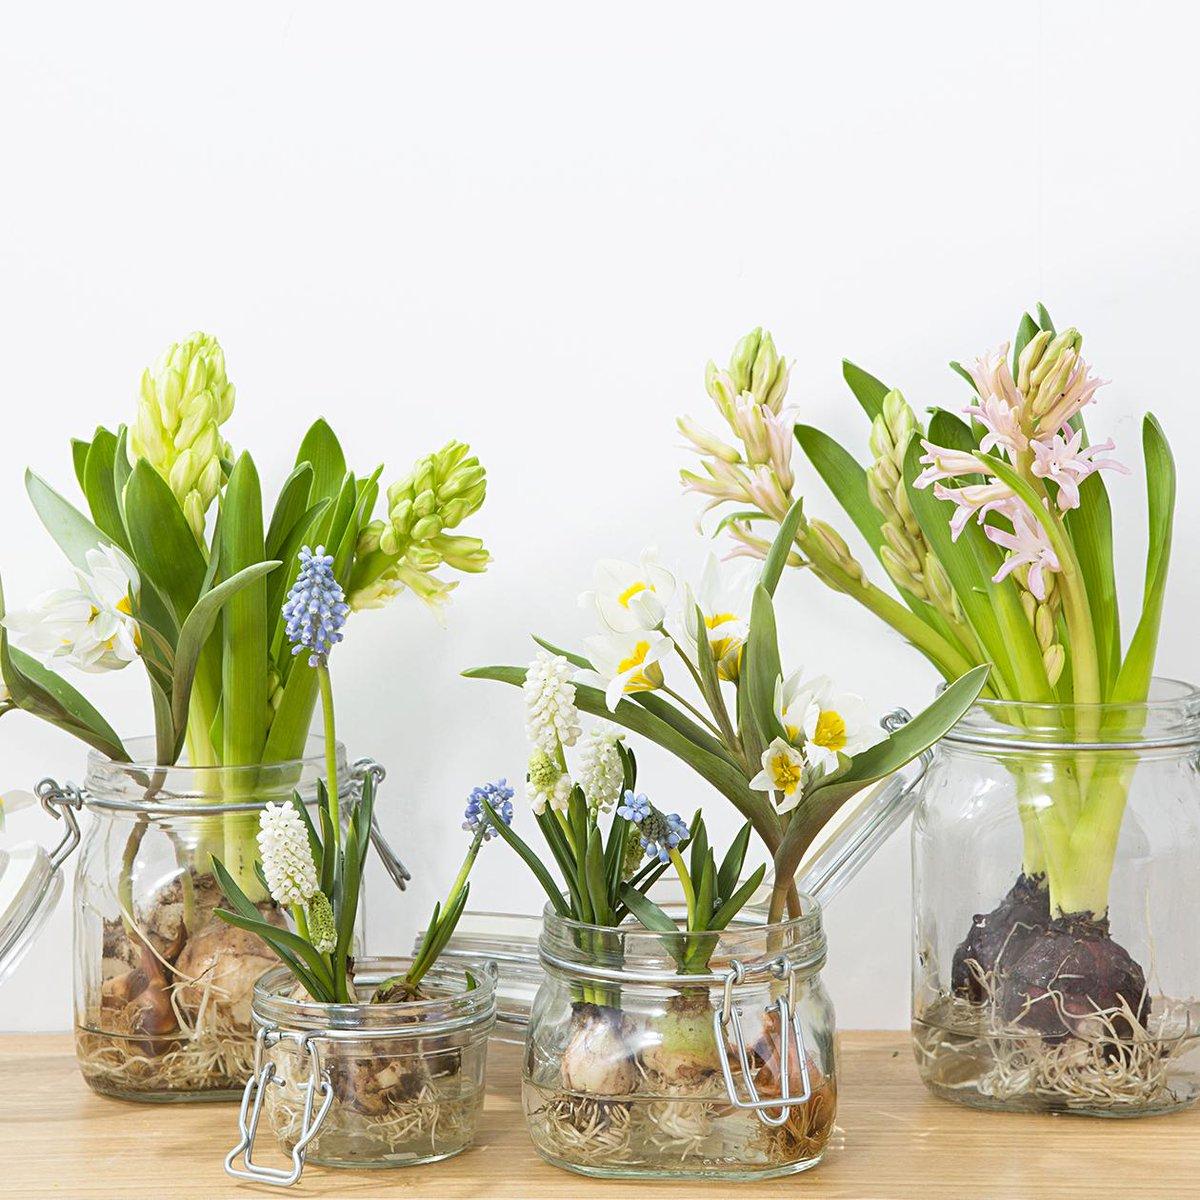 ... イブの花金に、ヒヤシンス、チューリップ、ムスカリを。個性的なフォルムは、普段の切花とはまた違った趣きがあります。球根植物ですので、http://muji.lu/1J6Z0Df  ...